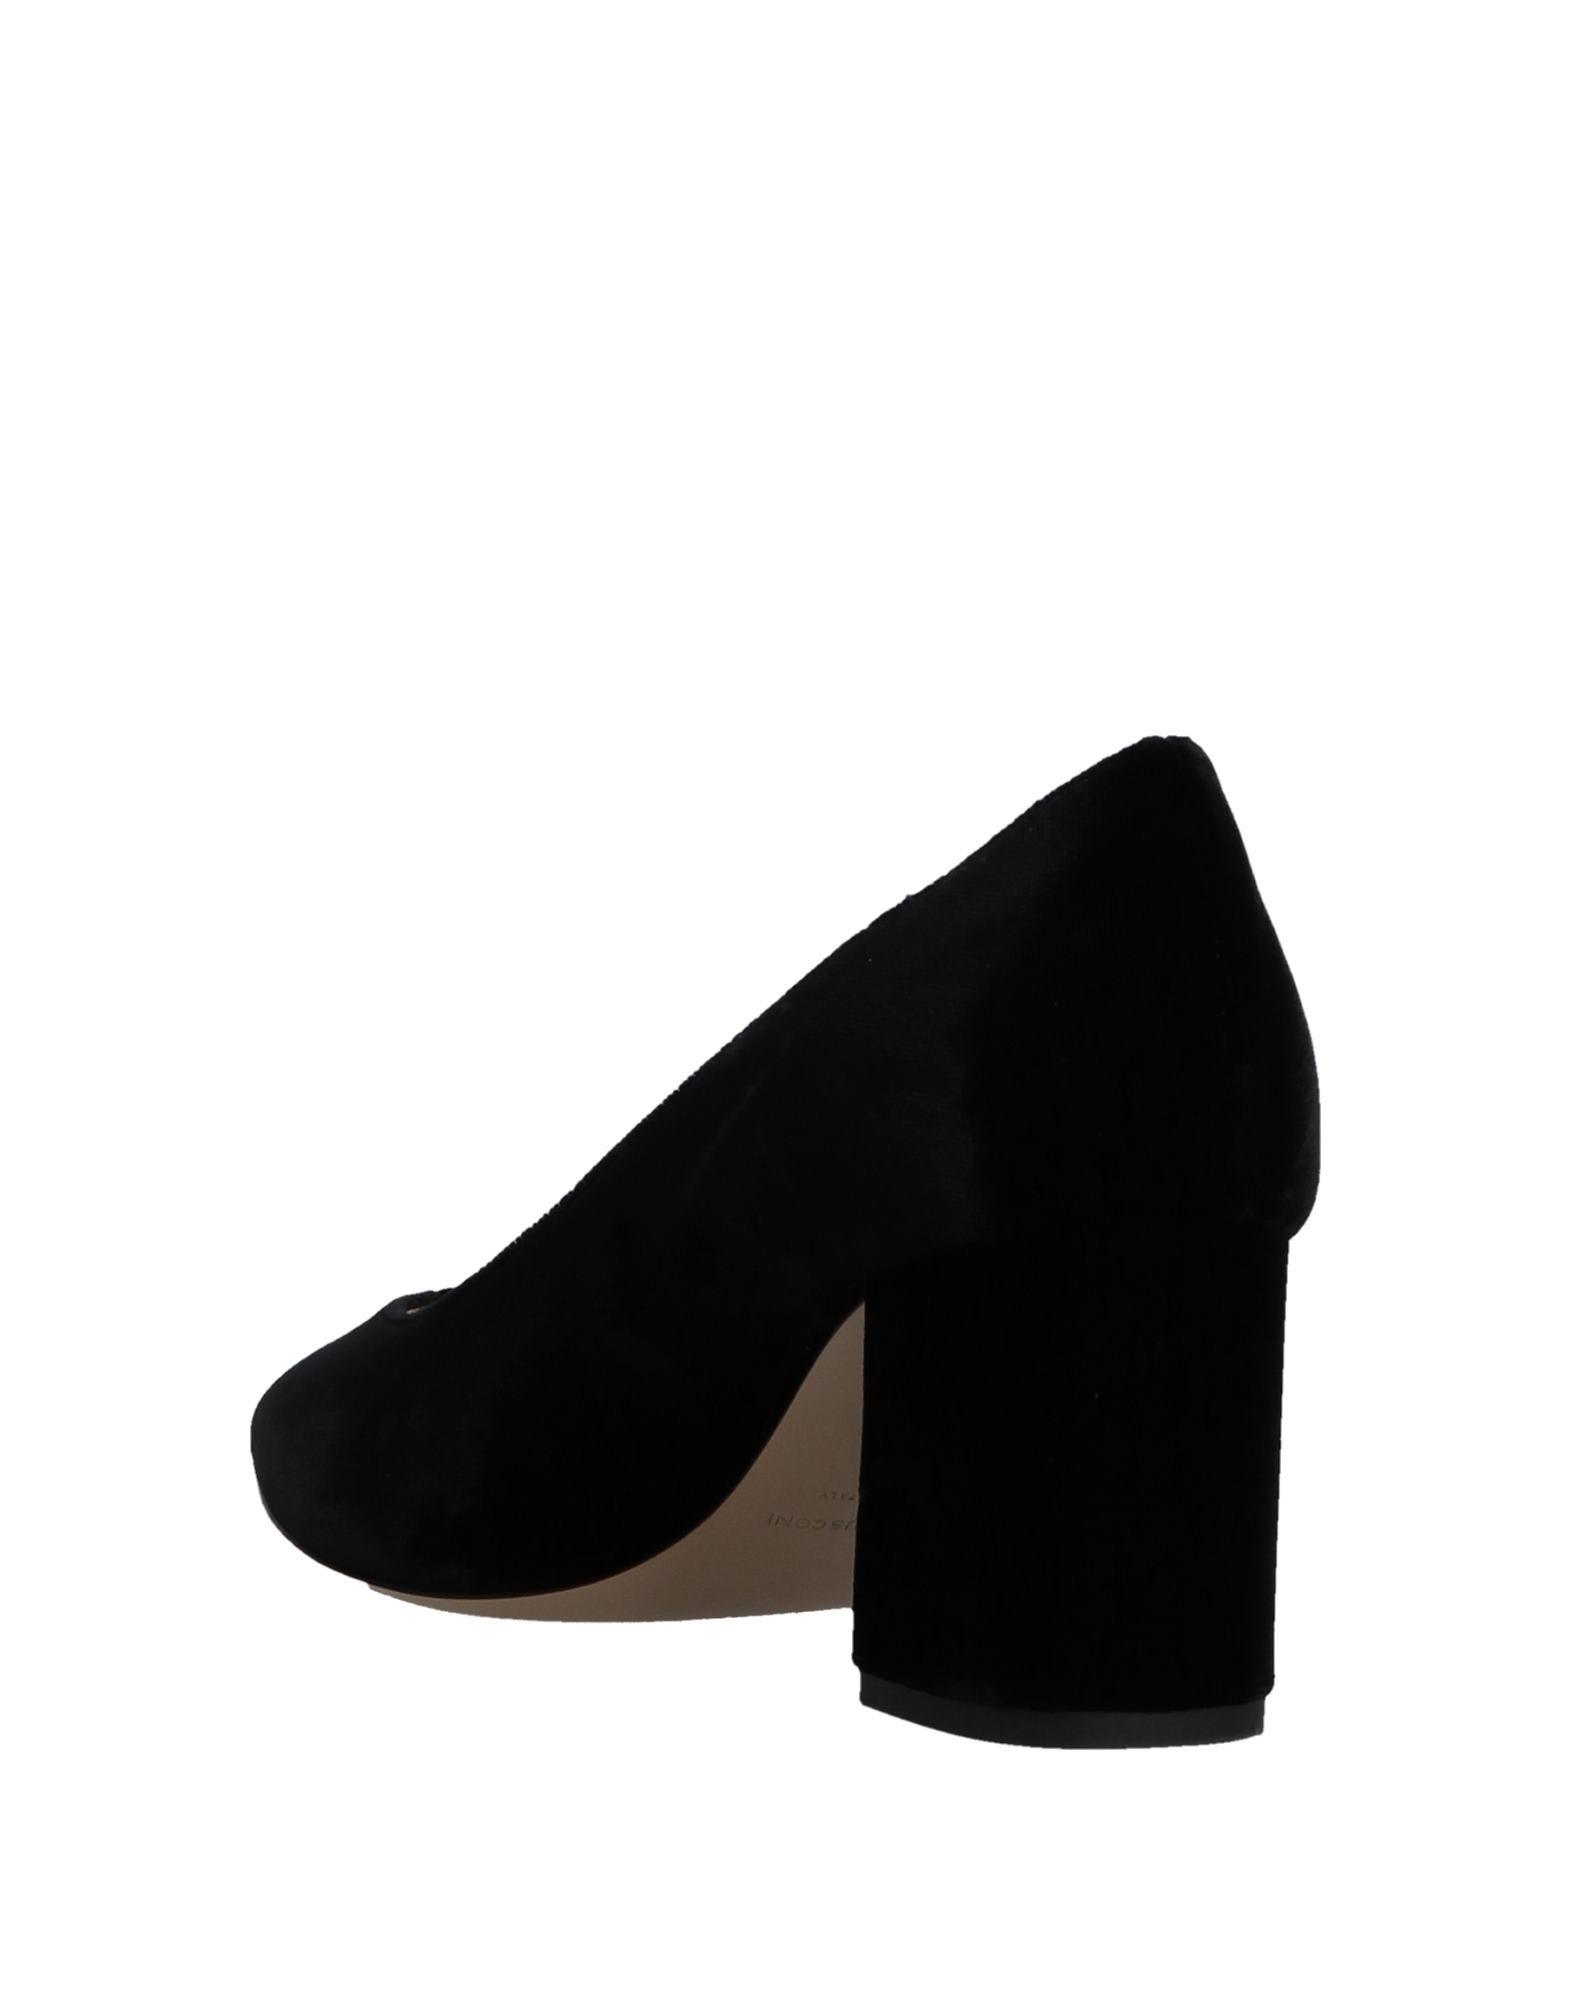 Gut um Pumps billige Schuhe zu tragenFabio Rusconi Pumps um Damen  11532151DB 5bebda